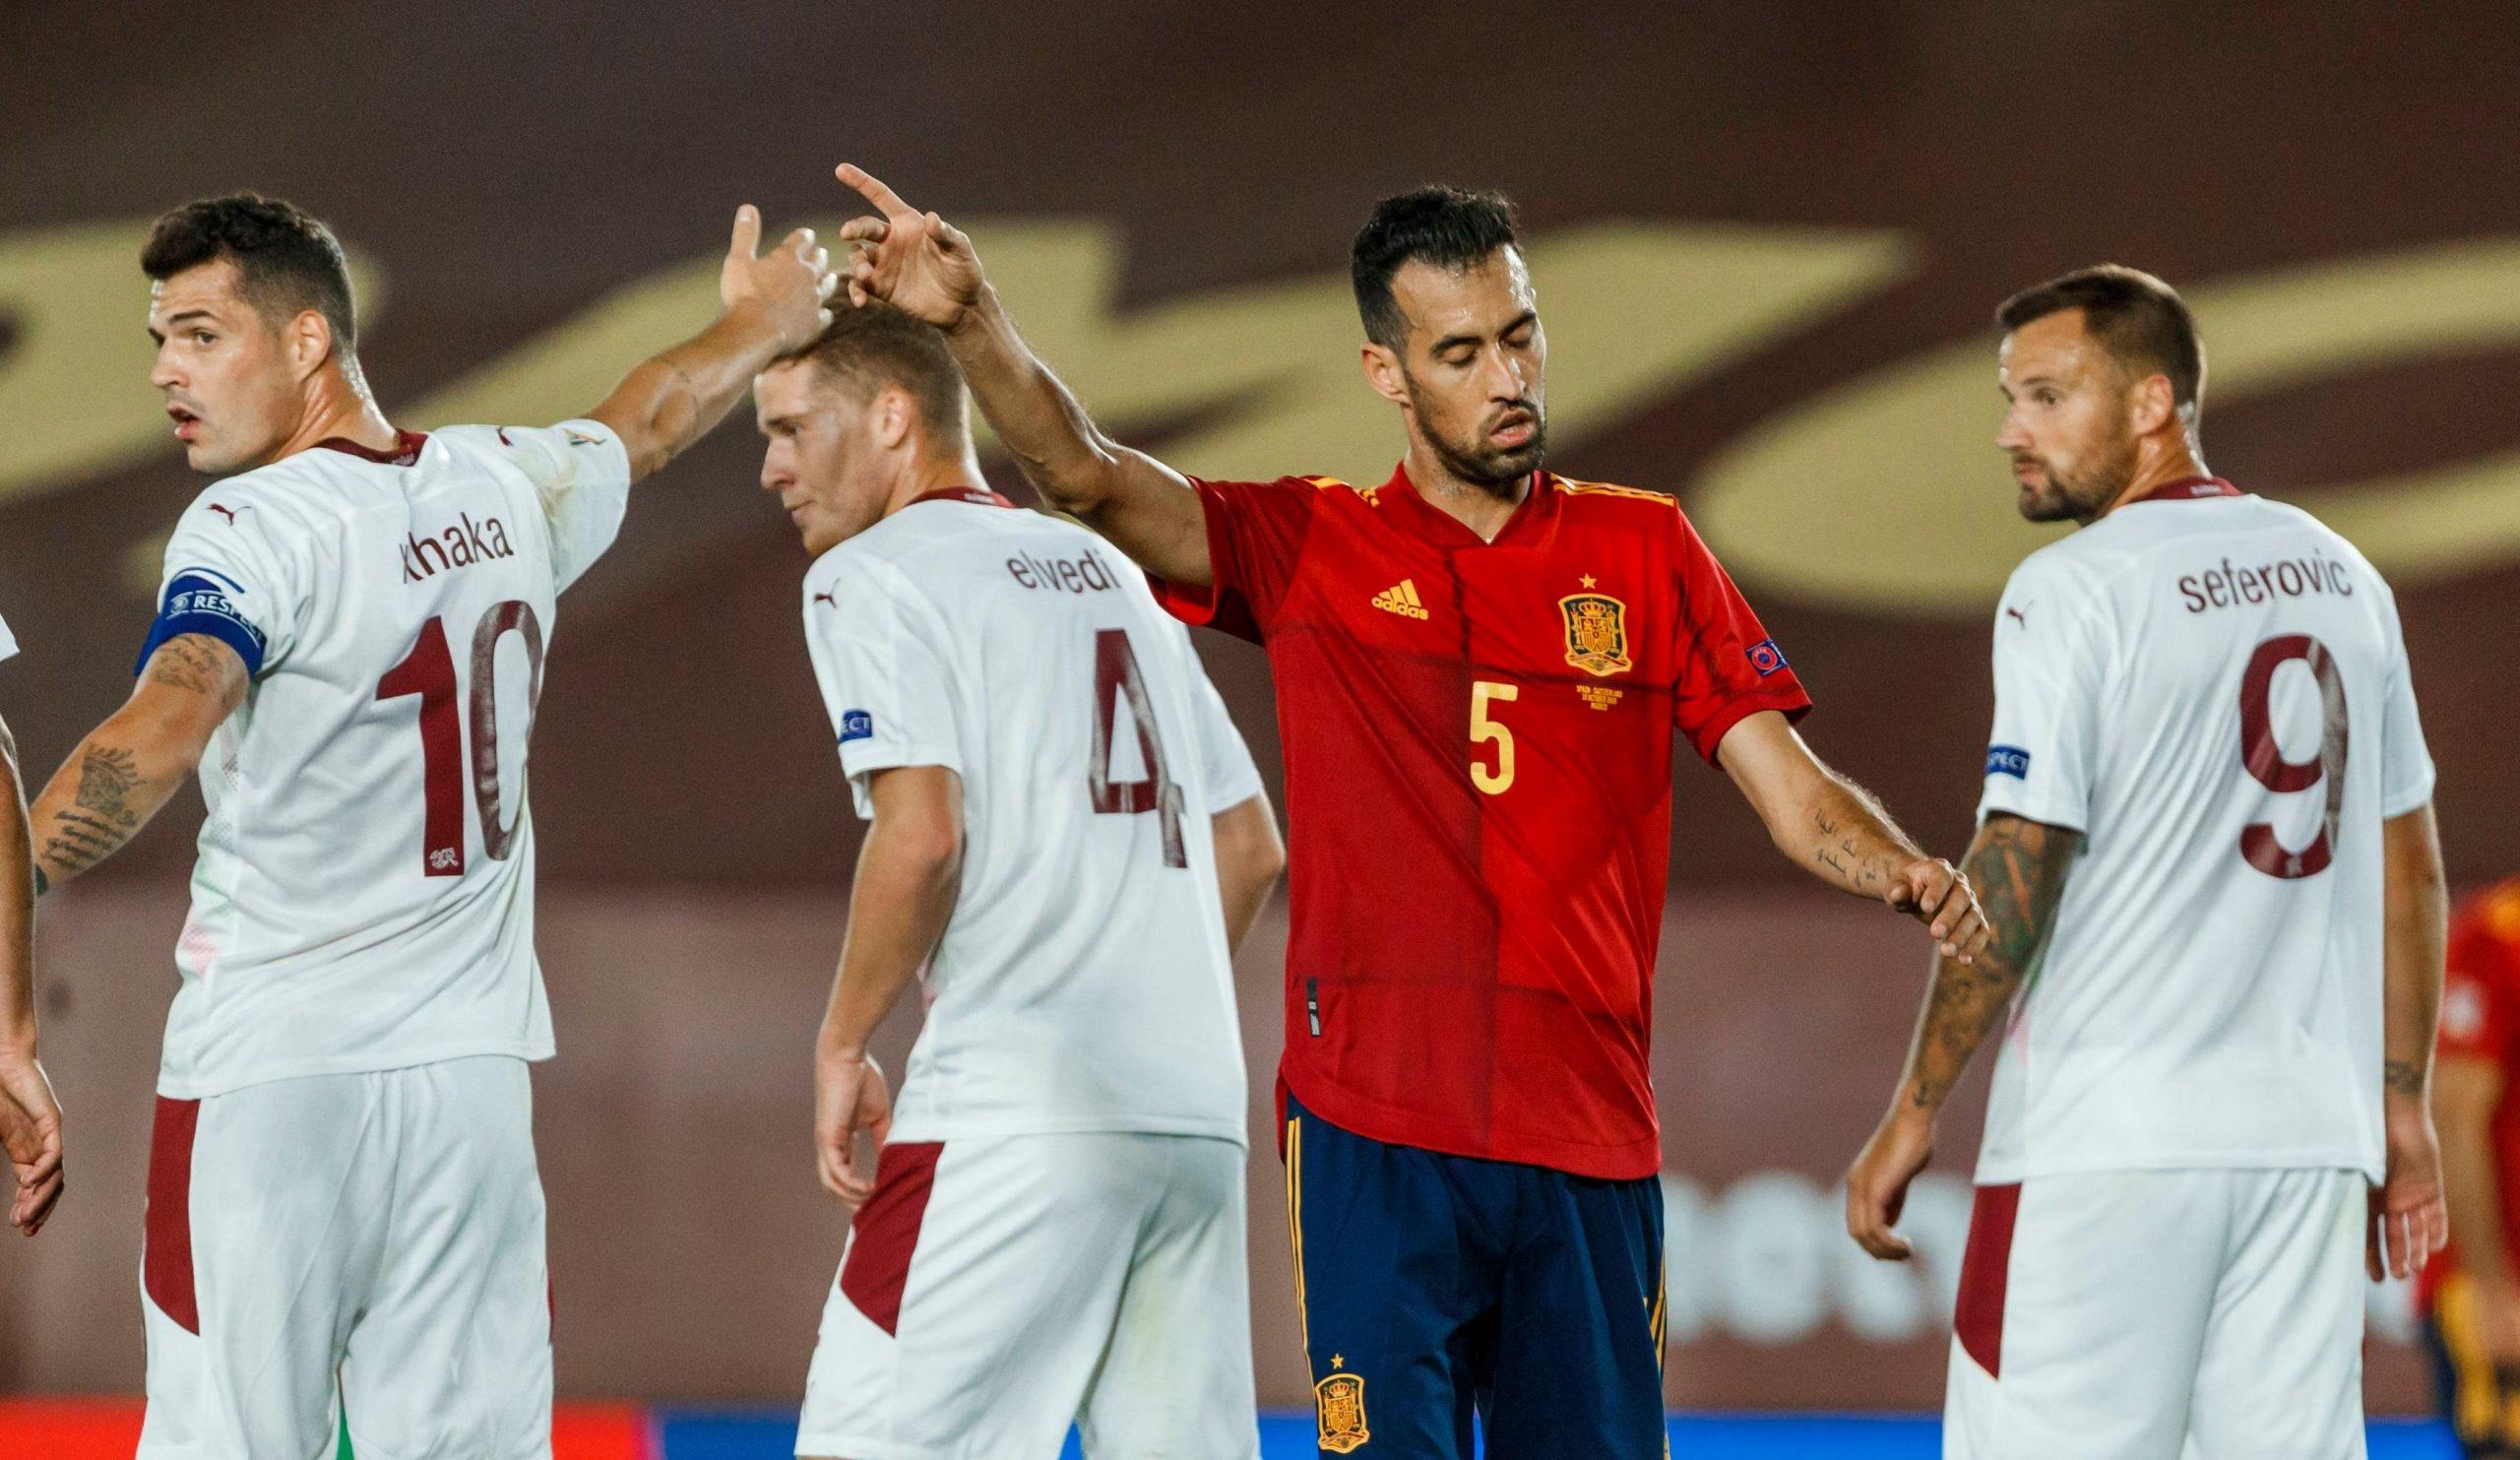 Szwajcaria w meczu z Hiszpanią Euro 2020